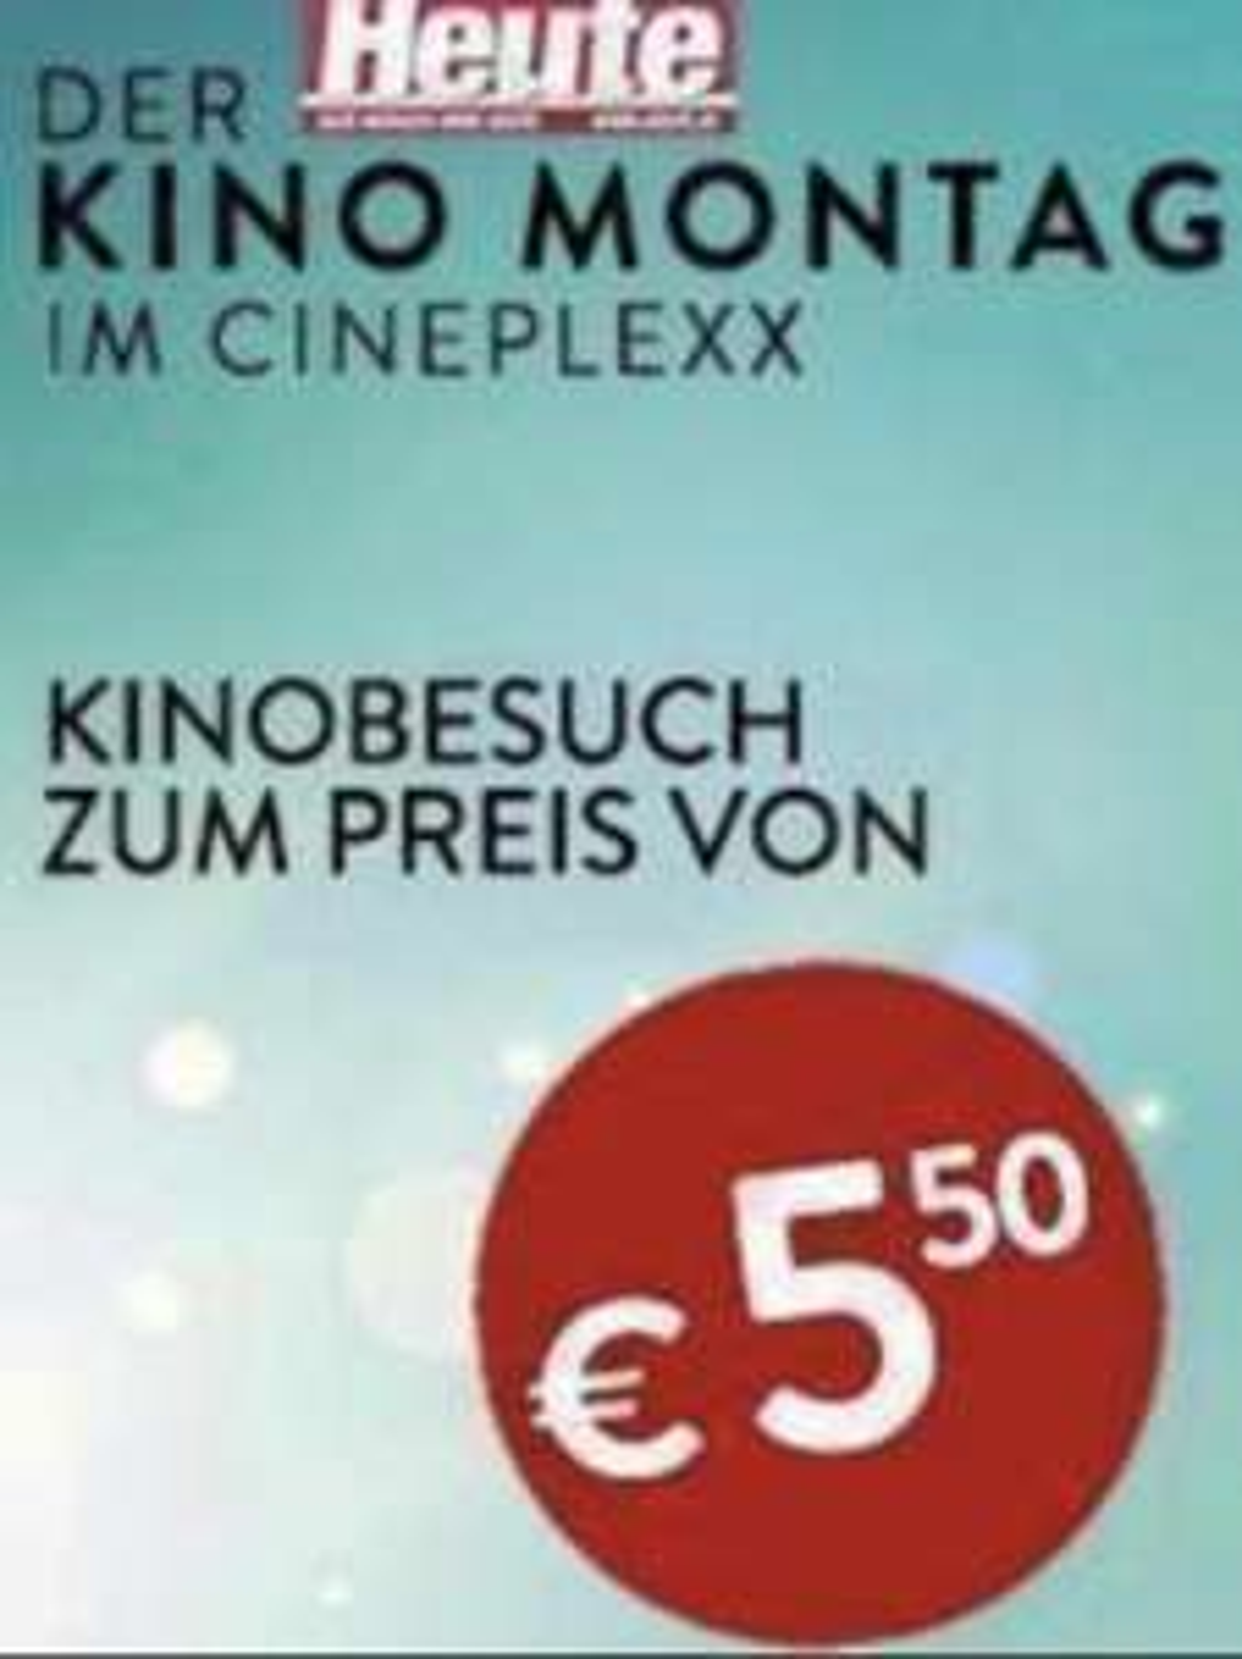 Heute Kino Montag: Cineplexx und Constantin Kinos 5,50€ pro Ticket